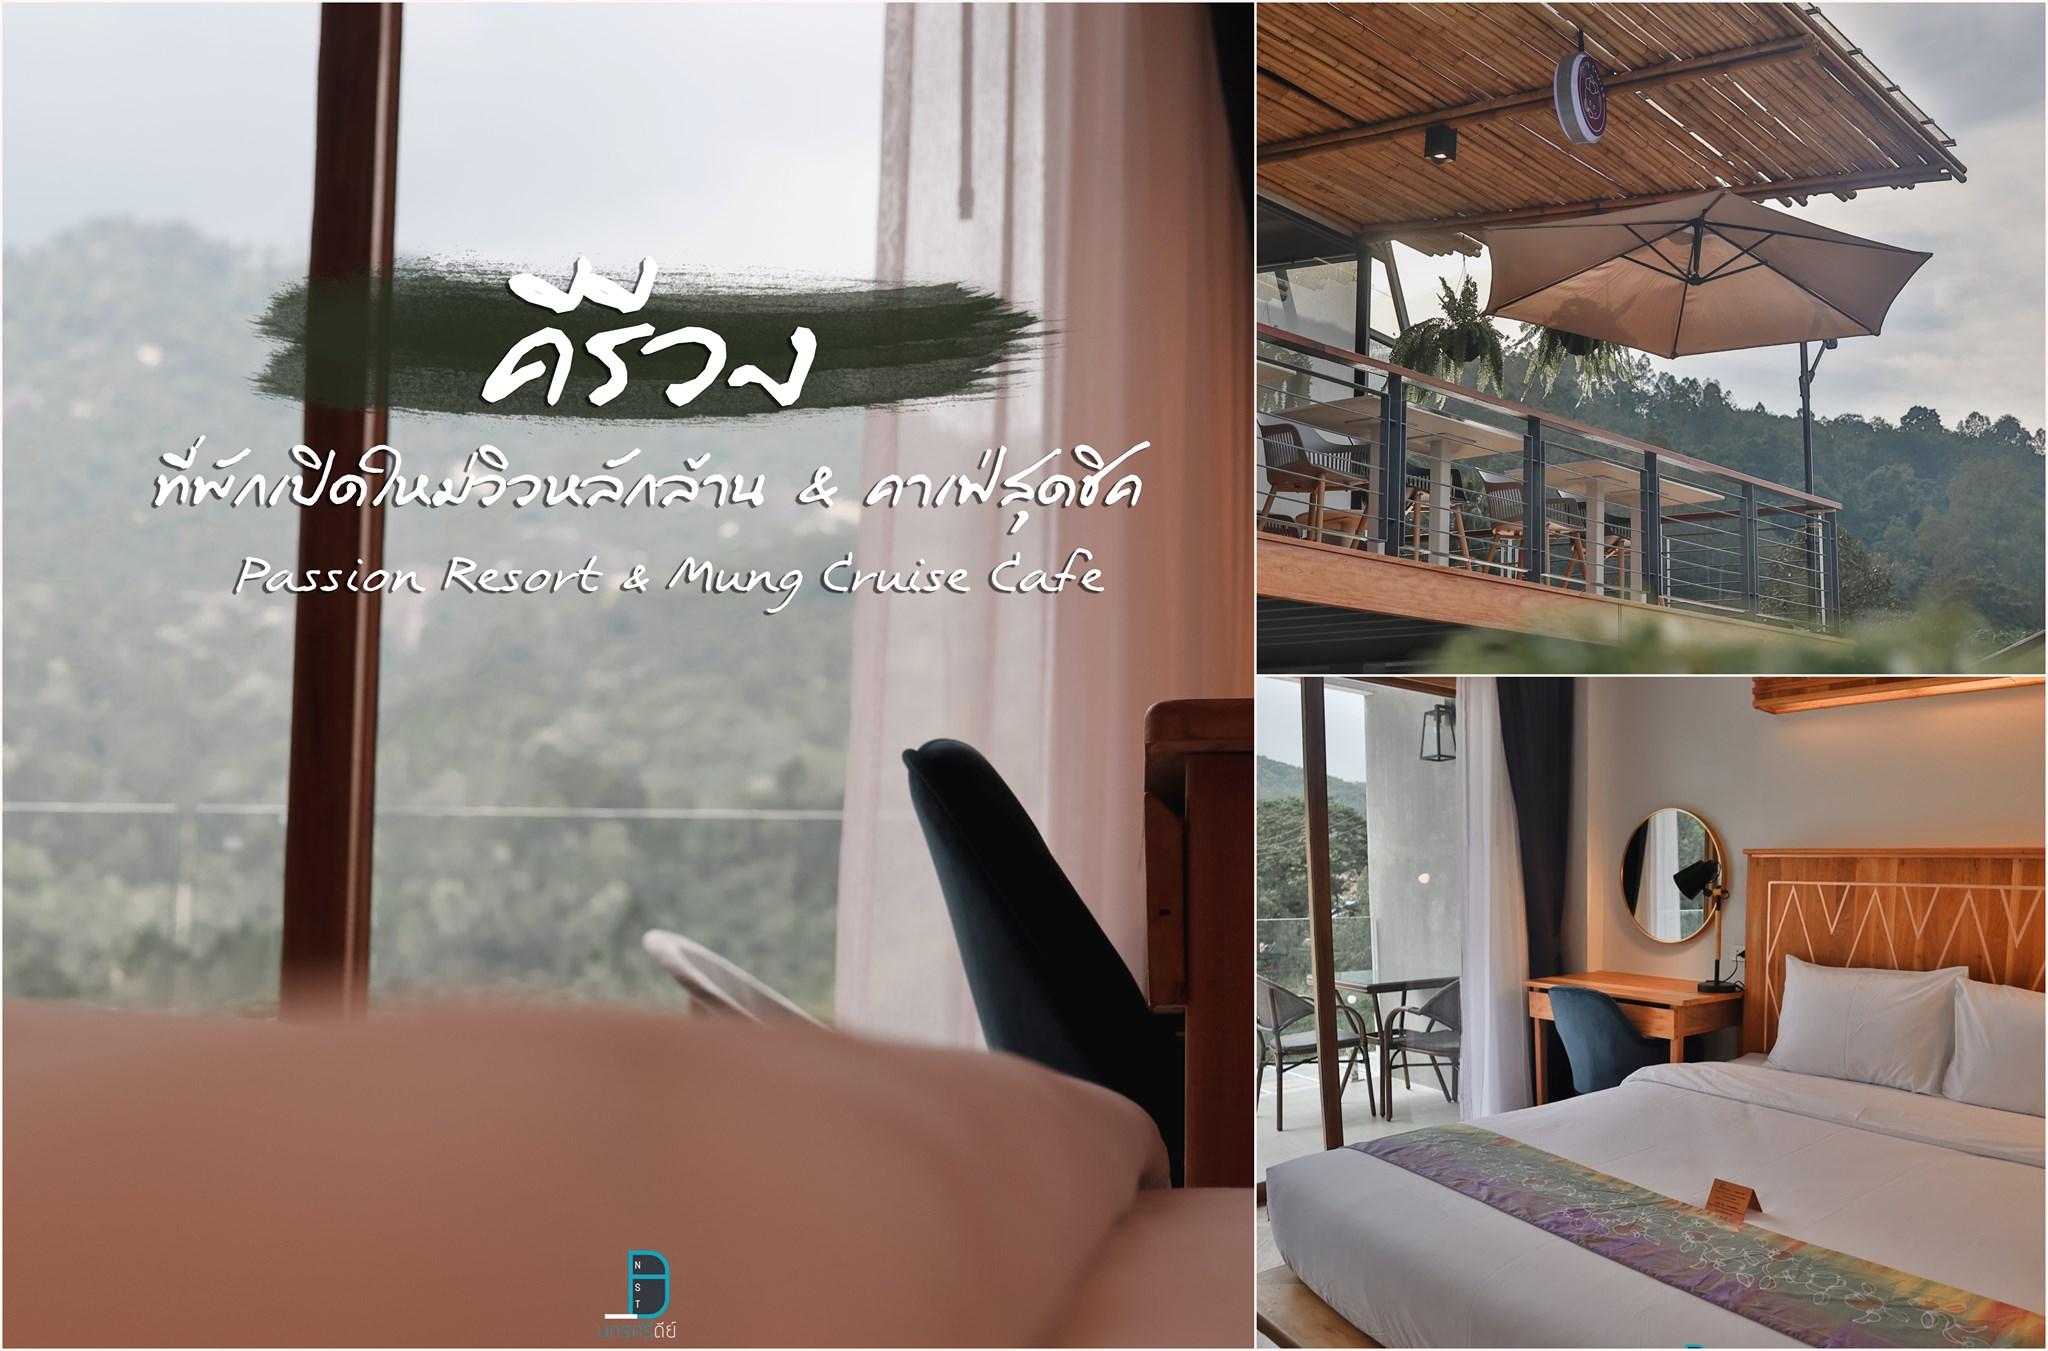 โรงแรมวิวหลักล้าน คีรีวง Passion Resort ที่พักสุดสวย สะดวก สบาย วิวภูเขา 360 องศา